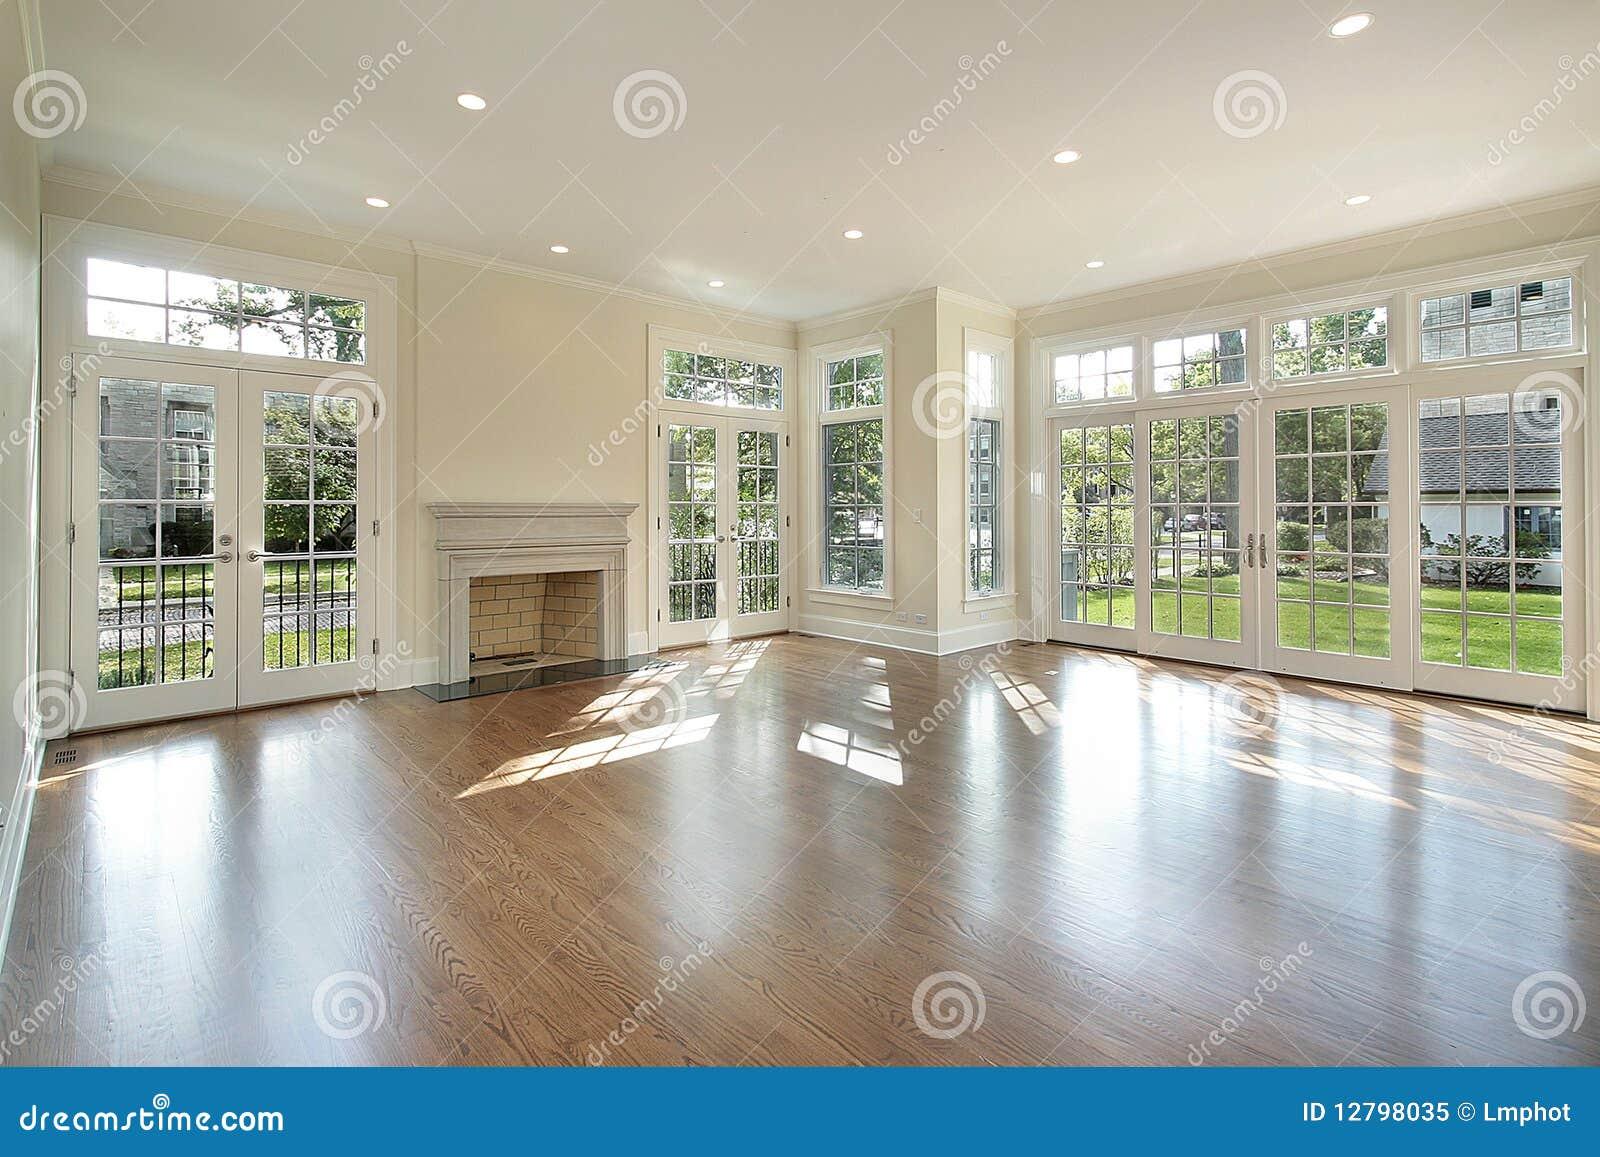 Wohnzimmer mit wand der fenster stockbild bild 12798035 - Fenster beschlagen von innen wohnung ...